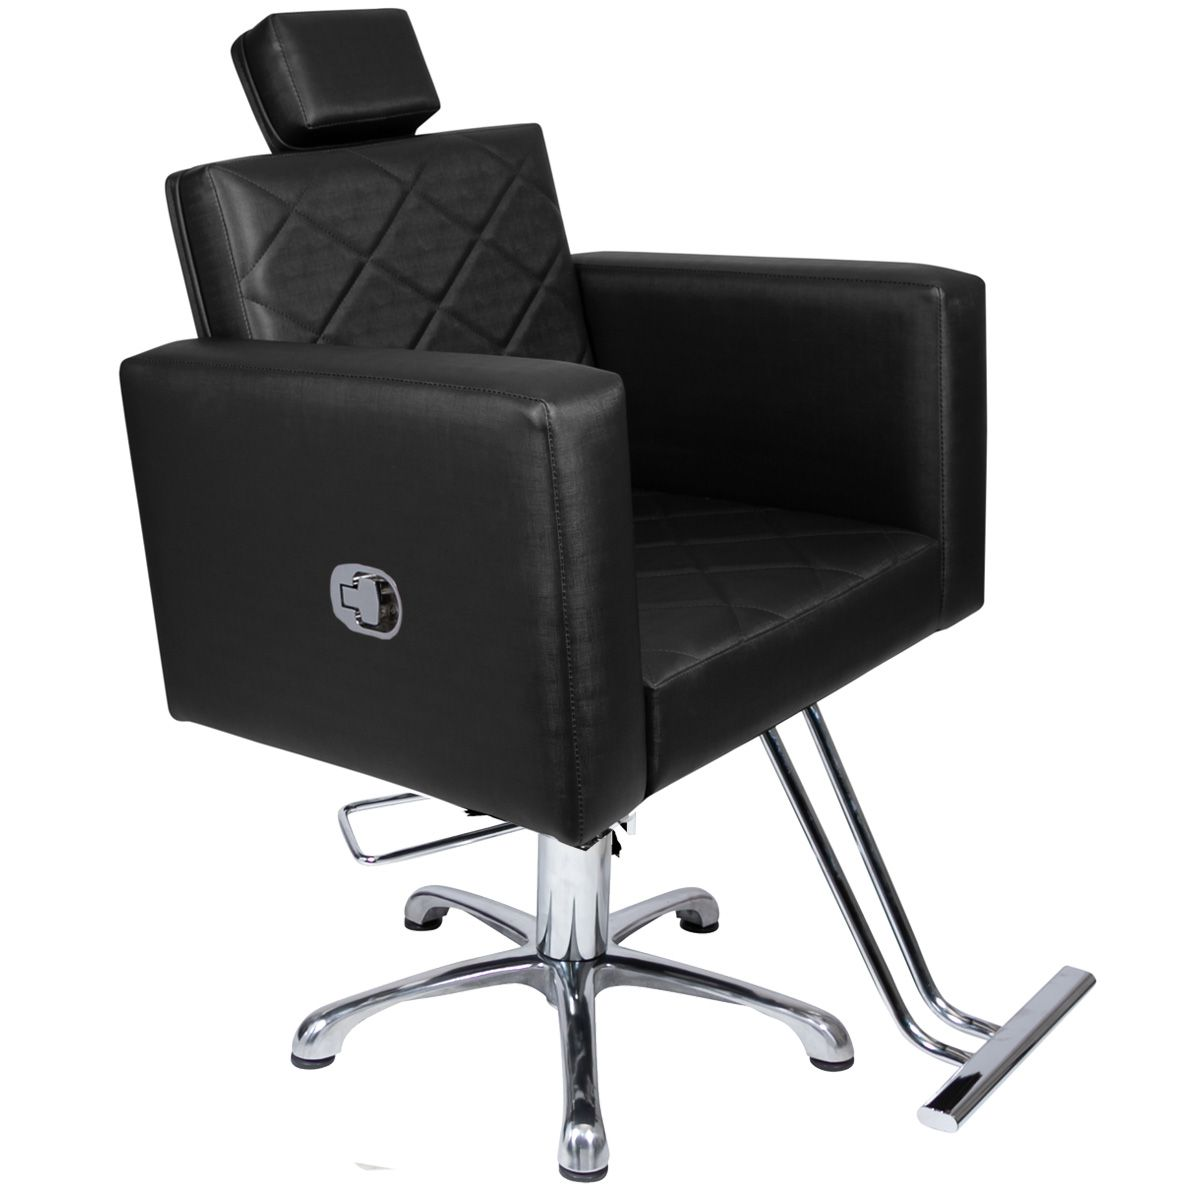 KIT Evidence -  1 Cadeira Reclinável + 1 Lavatório Evidence